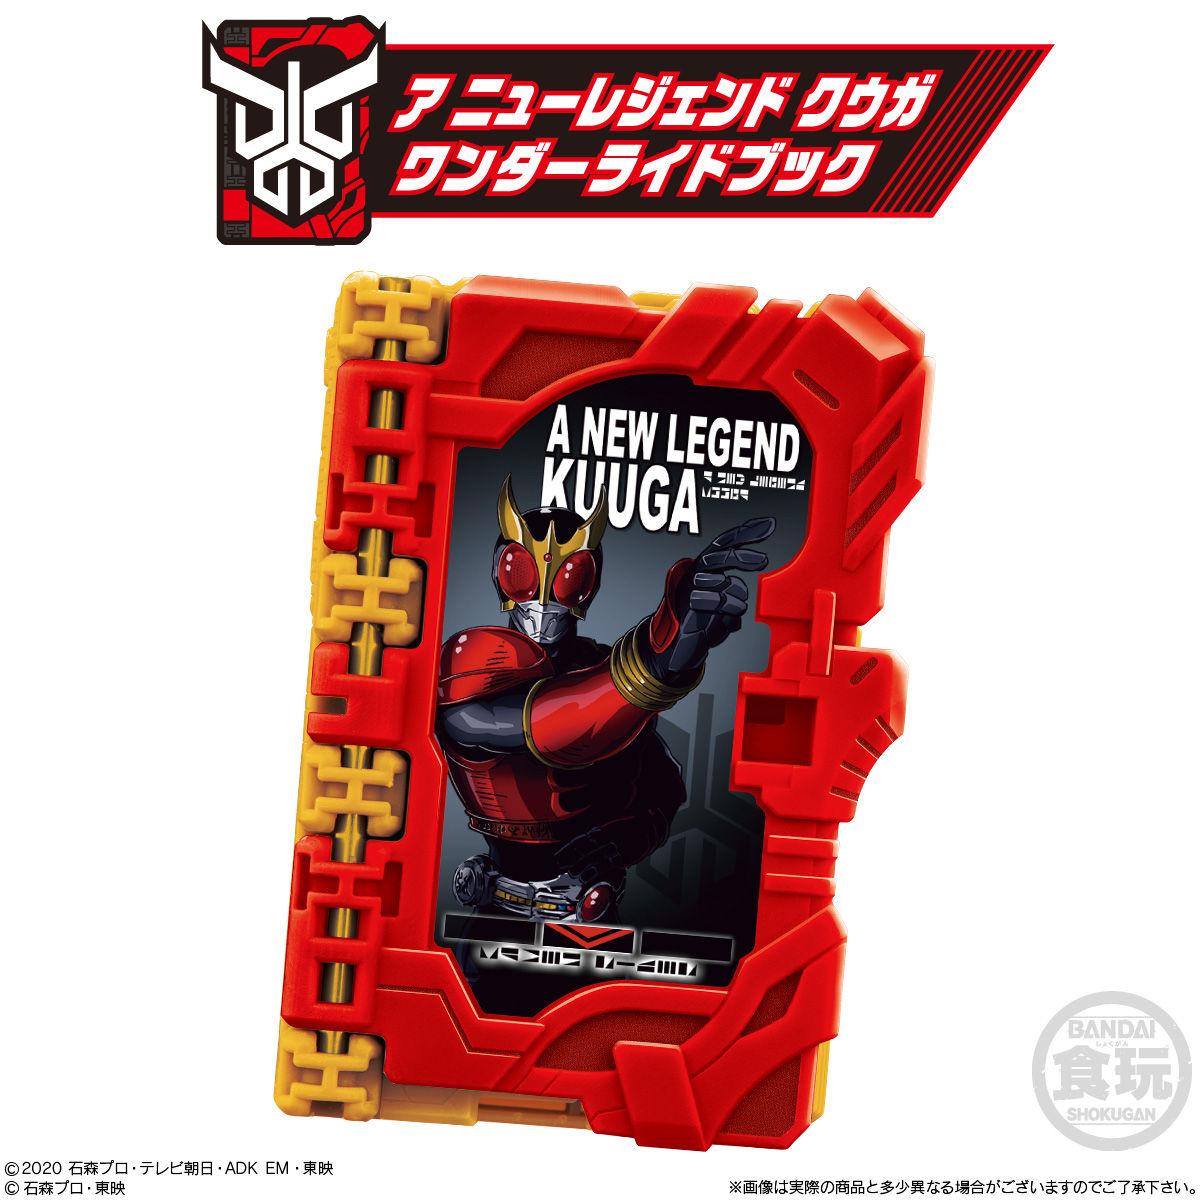 【食玩】仮面ライダーセイバー『コレクタブルワンダーライドブック SG06』8個入りBOX-007